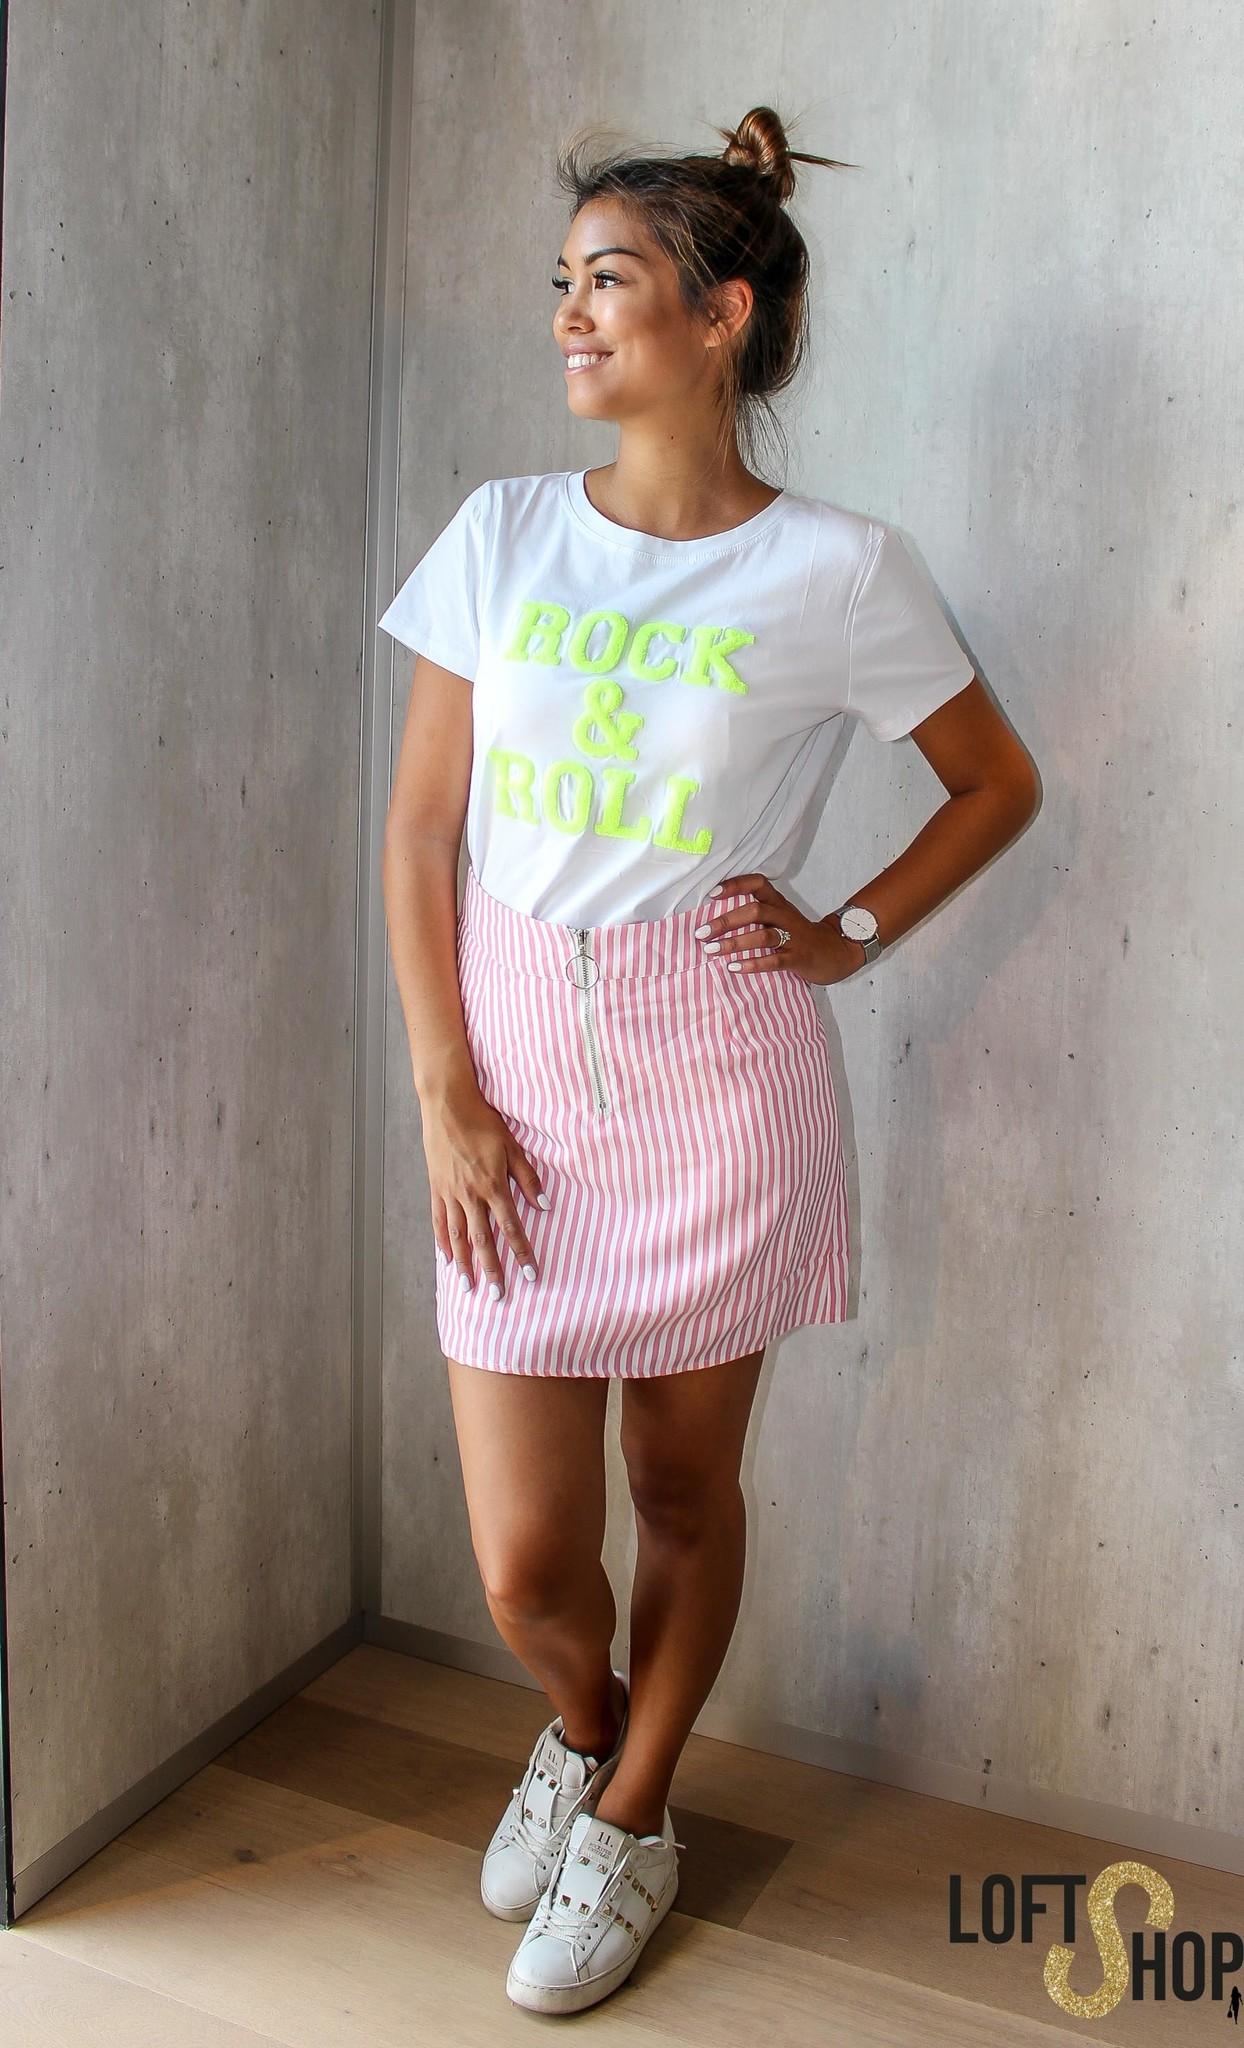 Lisa Fashion T-shirt Rock & Roll White TU